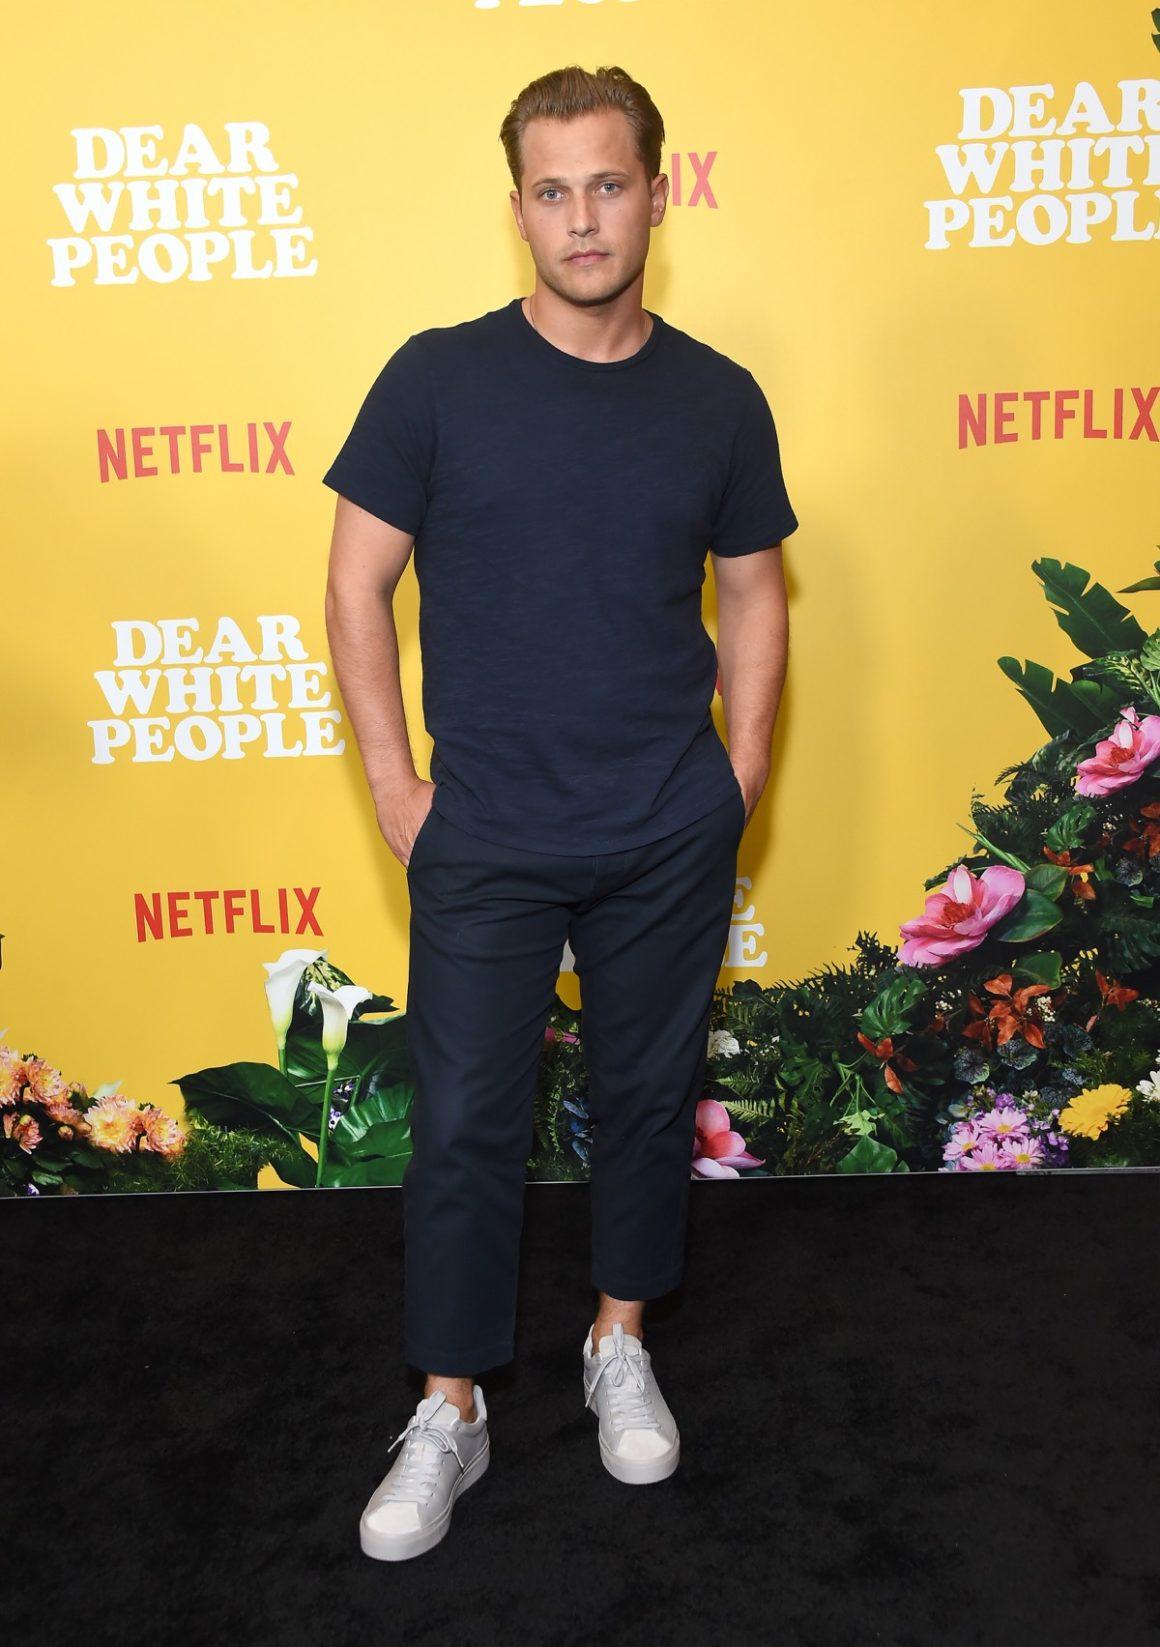 """Premiere Of Netflix's """"Dear White People"""" Season 3 - Arrivals"""